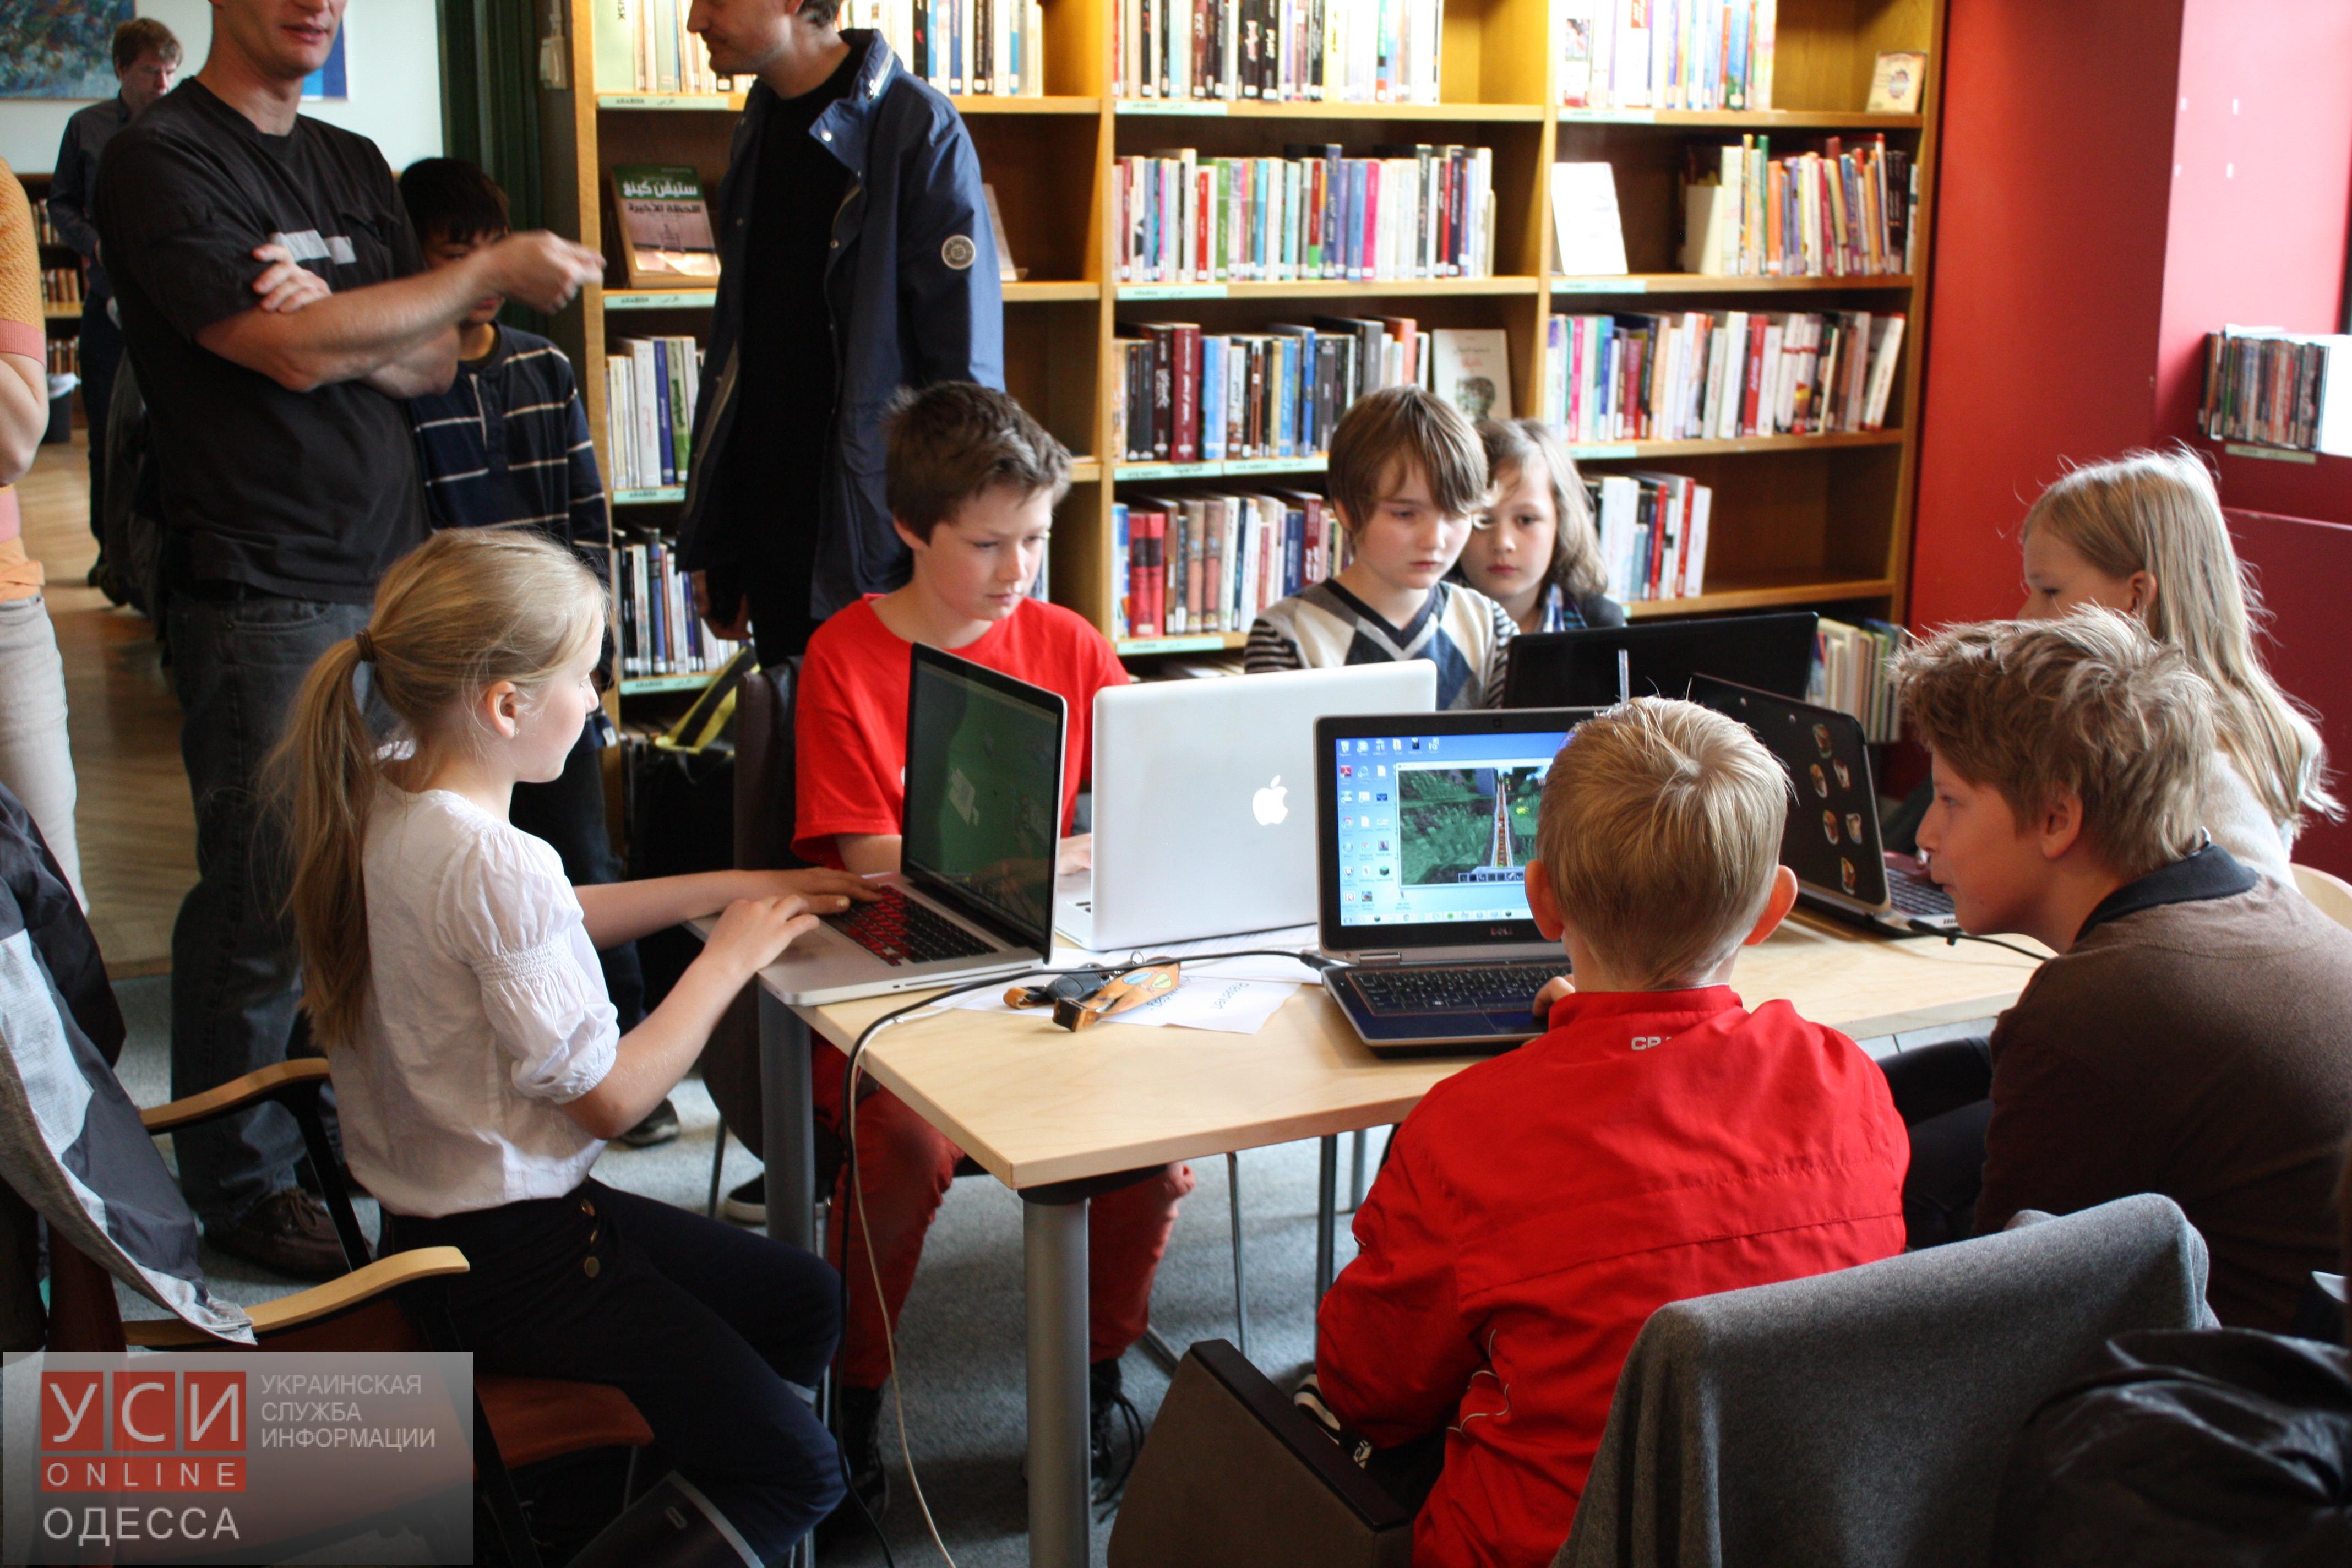 В Одессе запускают бесплатные IT-курсы для детей